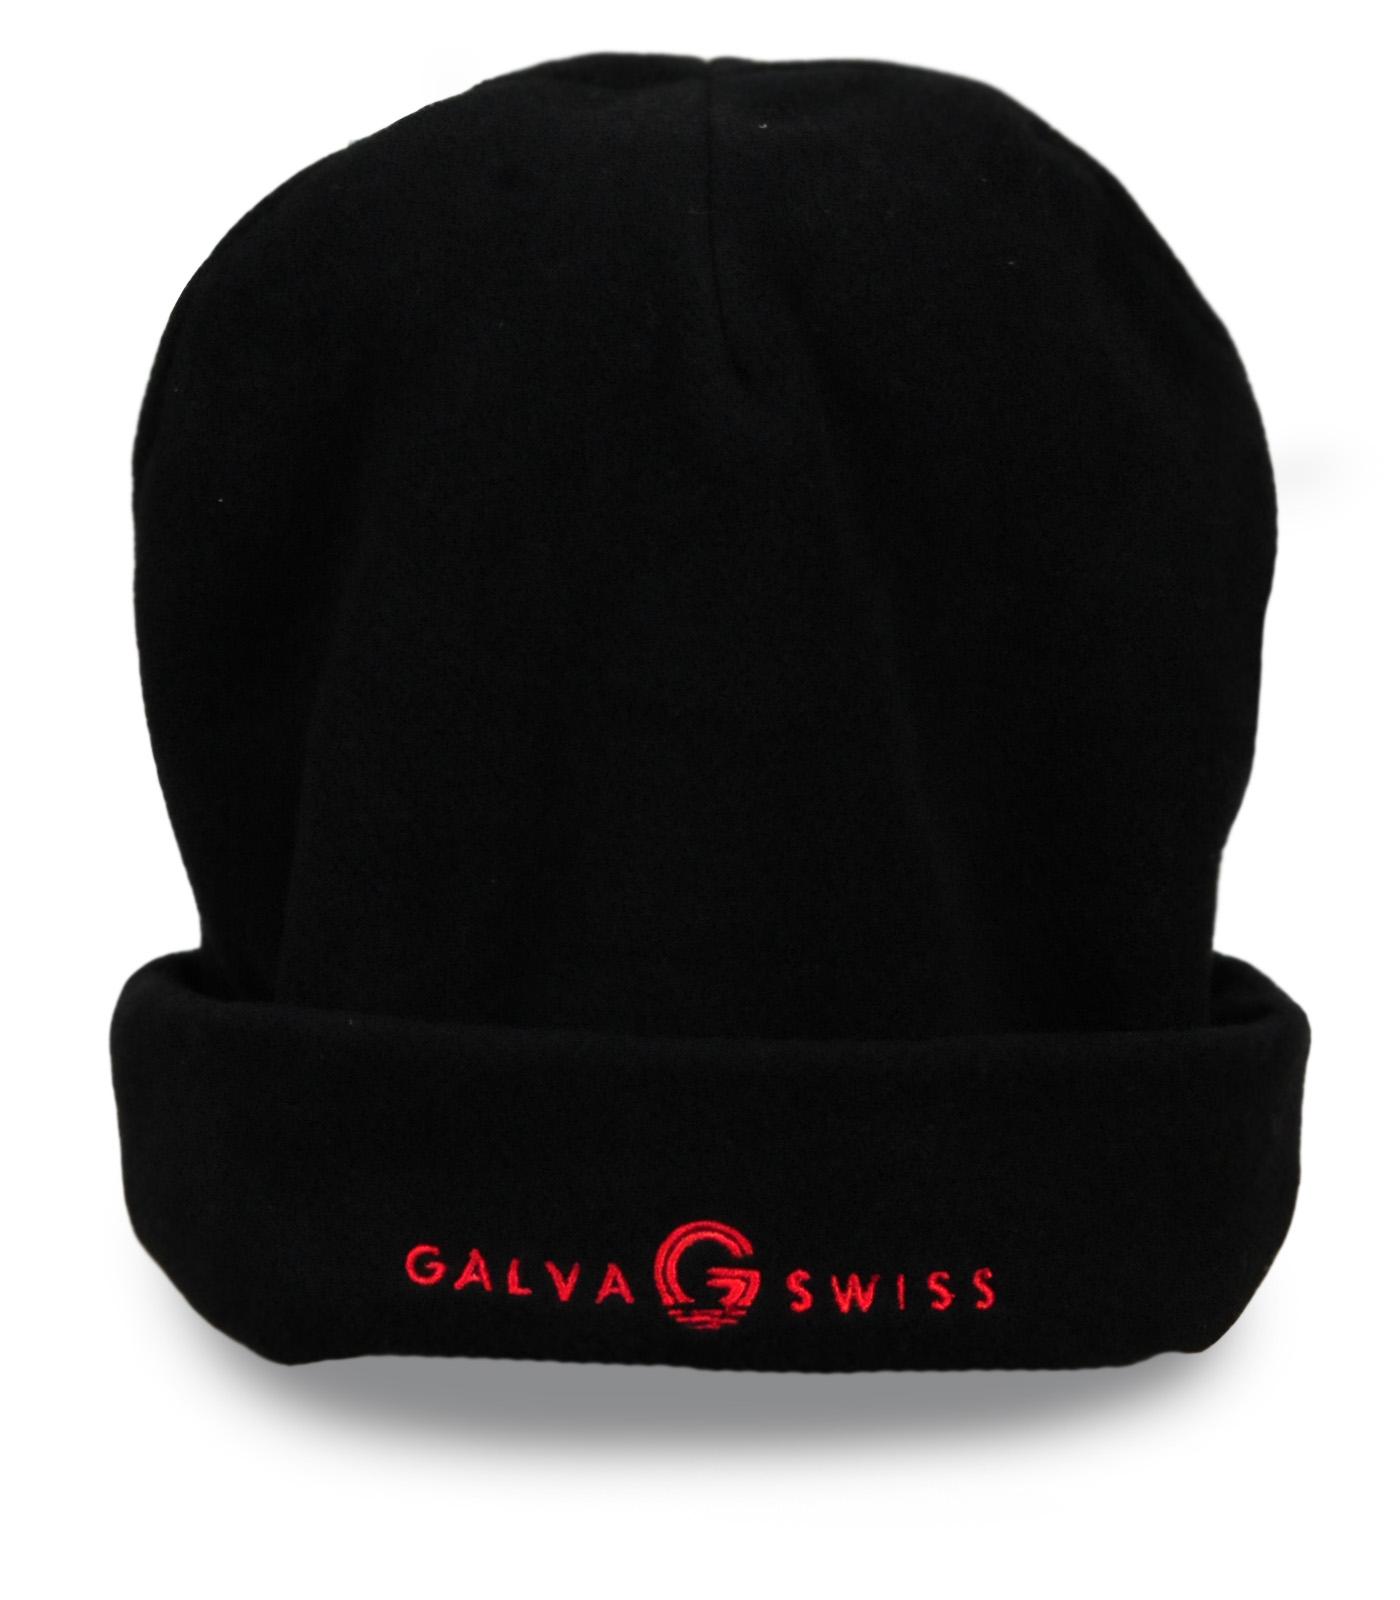 Выбирайте тонкие и теплые шапки под любой стиль